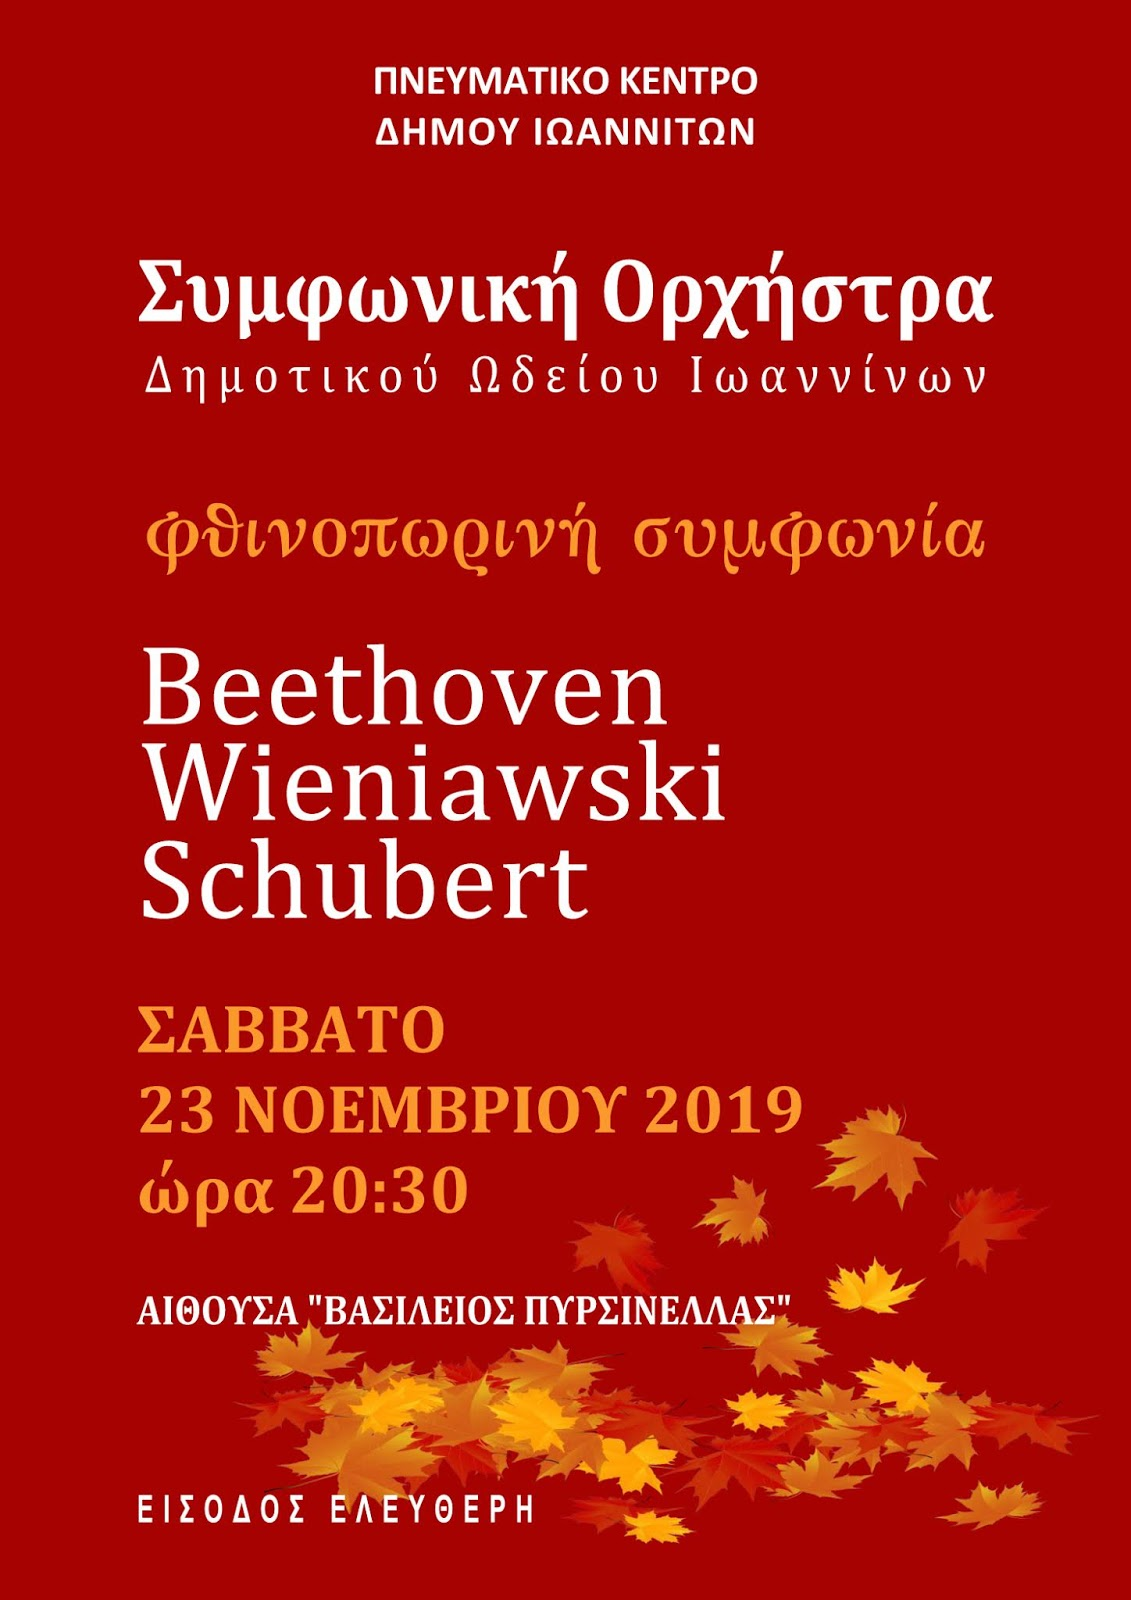 Φθινοπωρινή Συμφωνία από τη Συμφωνική Ορχήστρα του Δημ.Ωδείου Ιωαννίνων